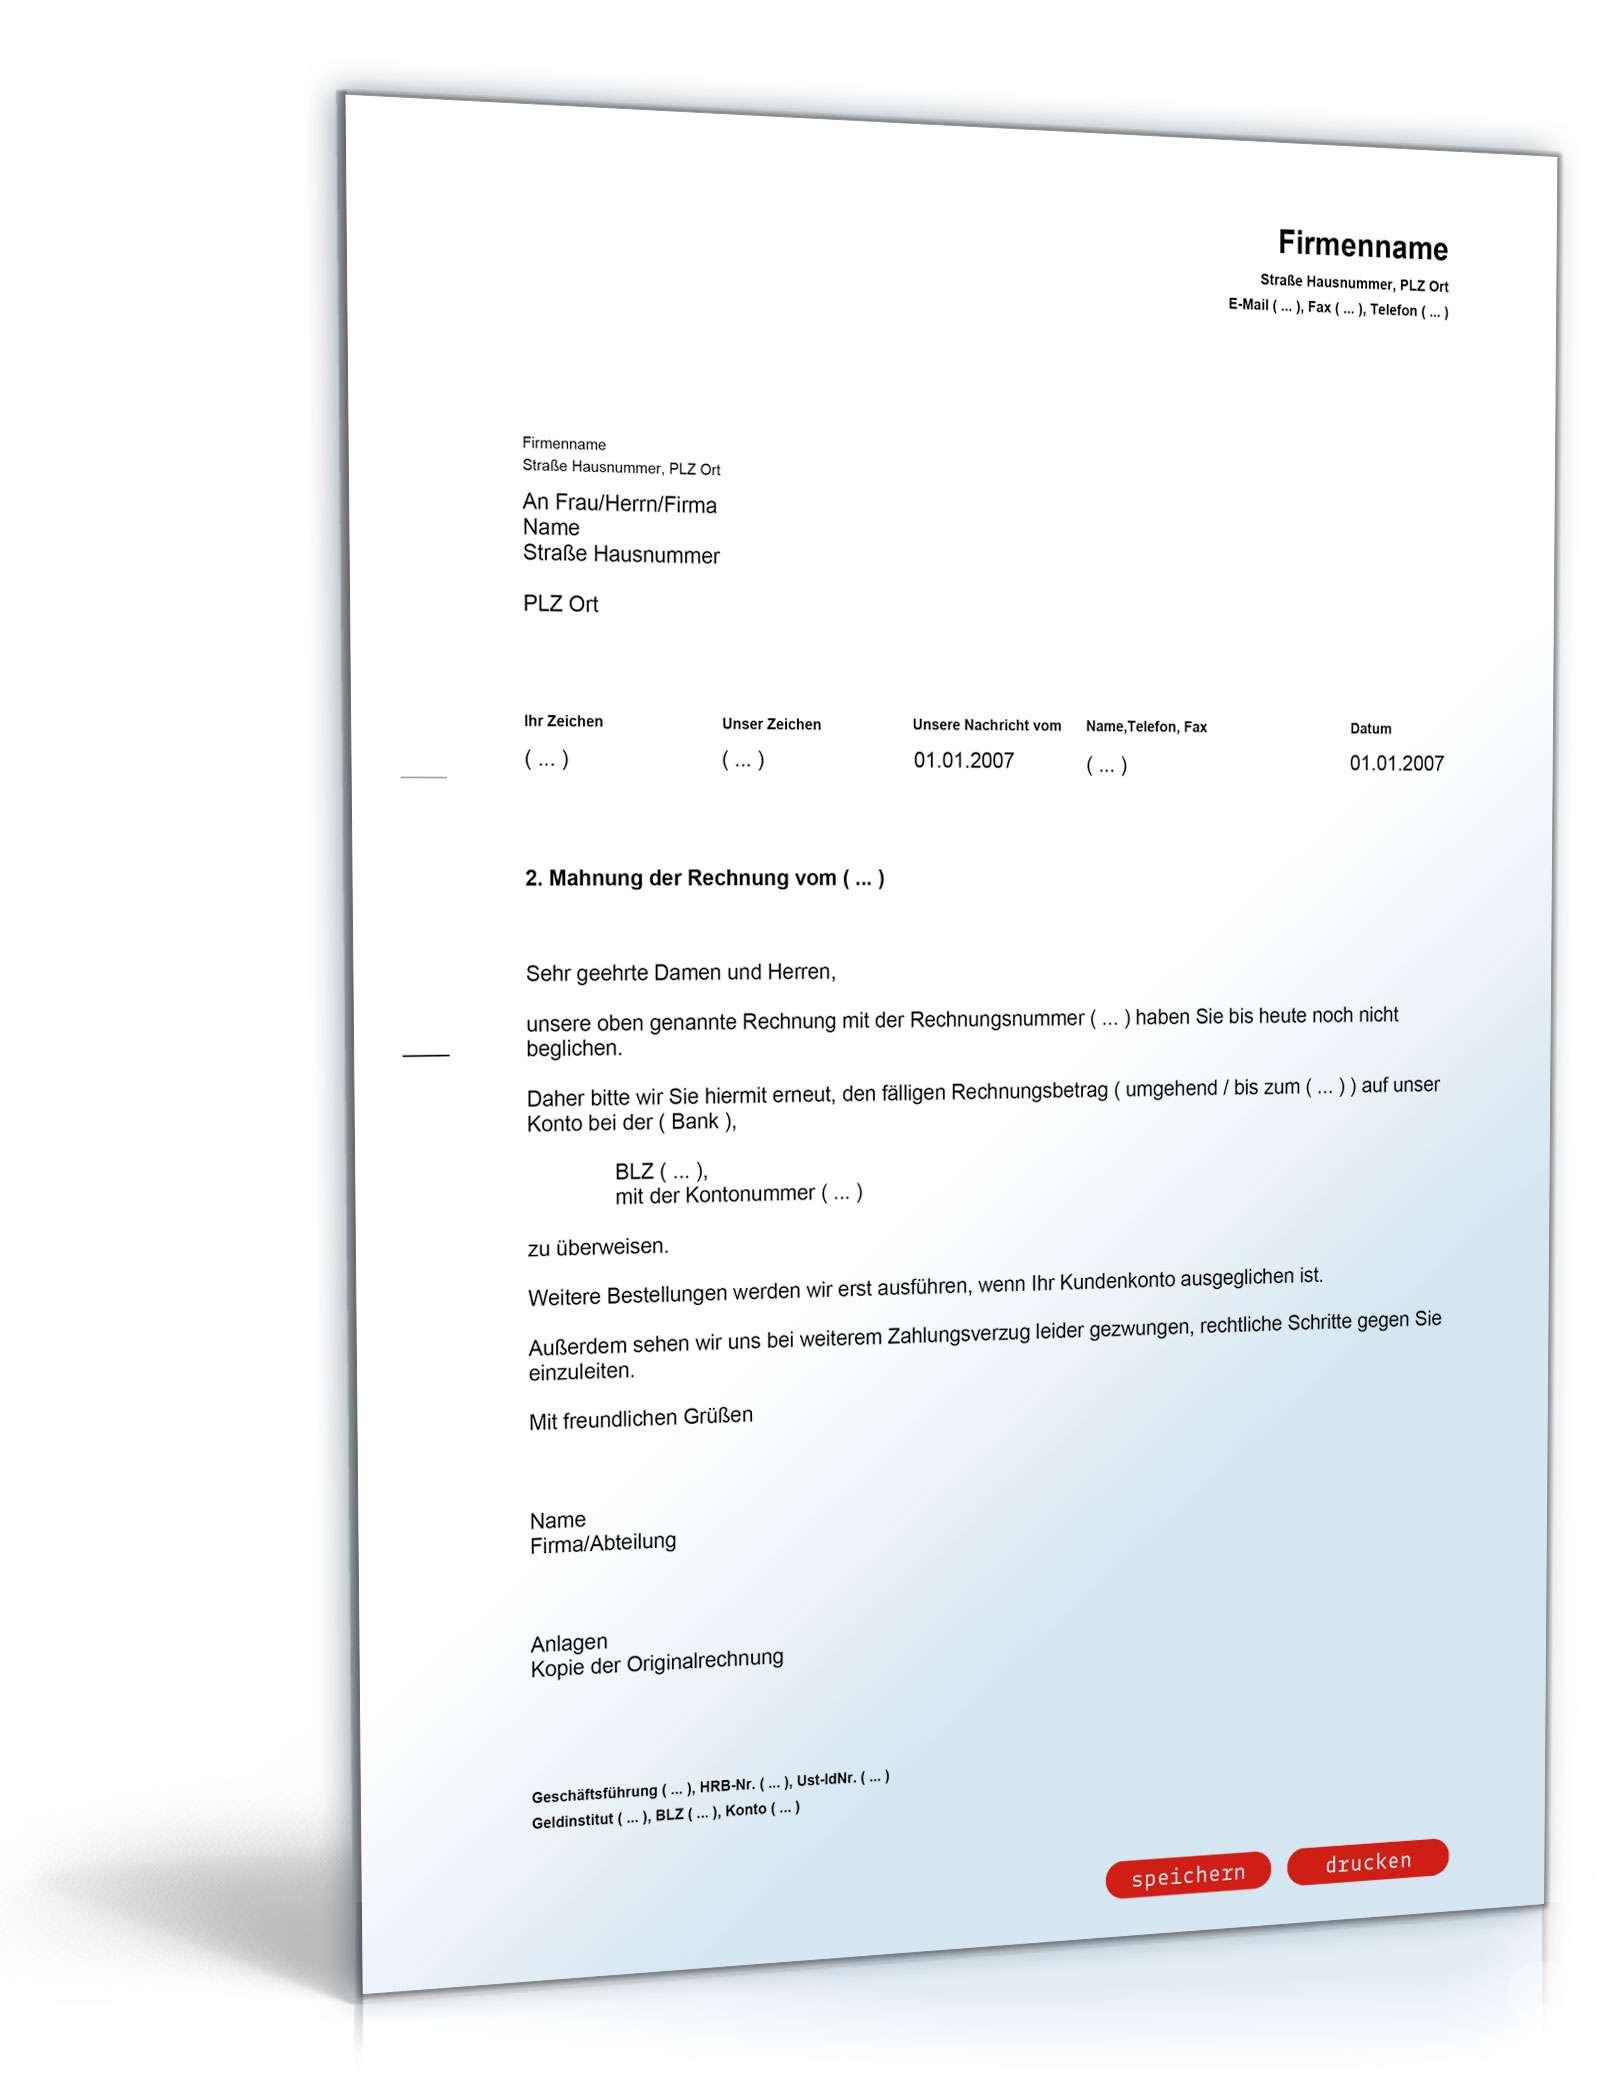 2 Mahnung Mit Androhung Lieferstopp Muster Vorlage Zum Download